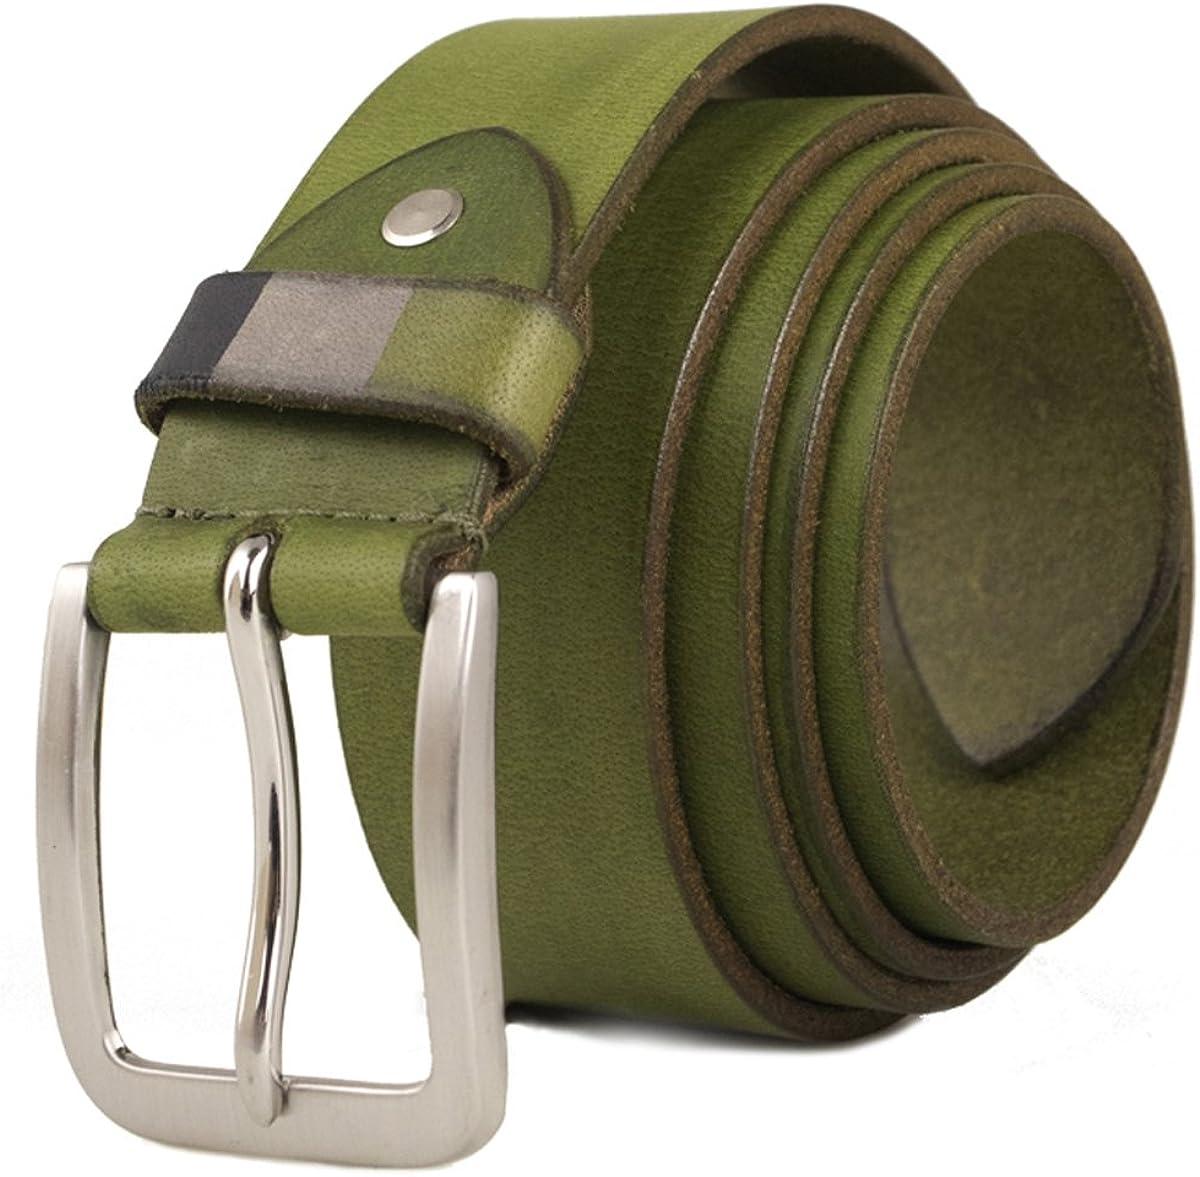 Zerimar Cinturón Piel de Hombre | 4 cm Ancho | Cinturón Hombre Cuero | Cinturón Hombre Hebilla | Cinturón Piel | Cinturon de Cuero